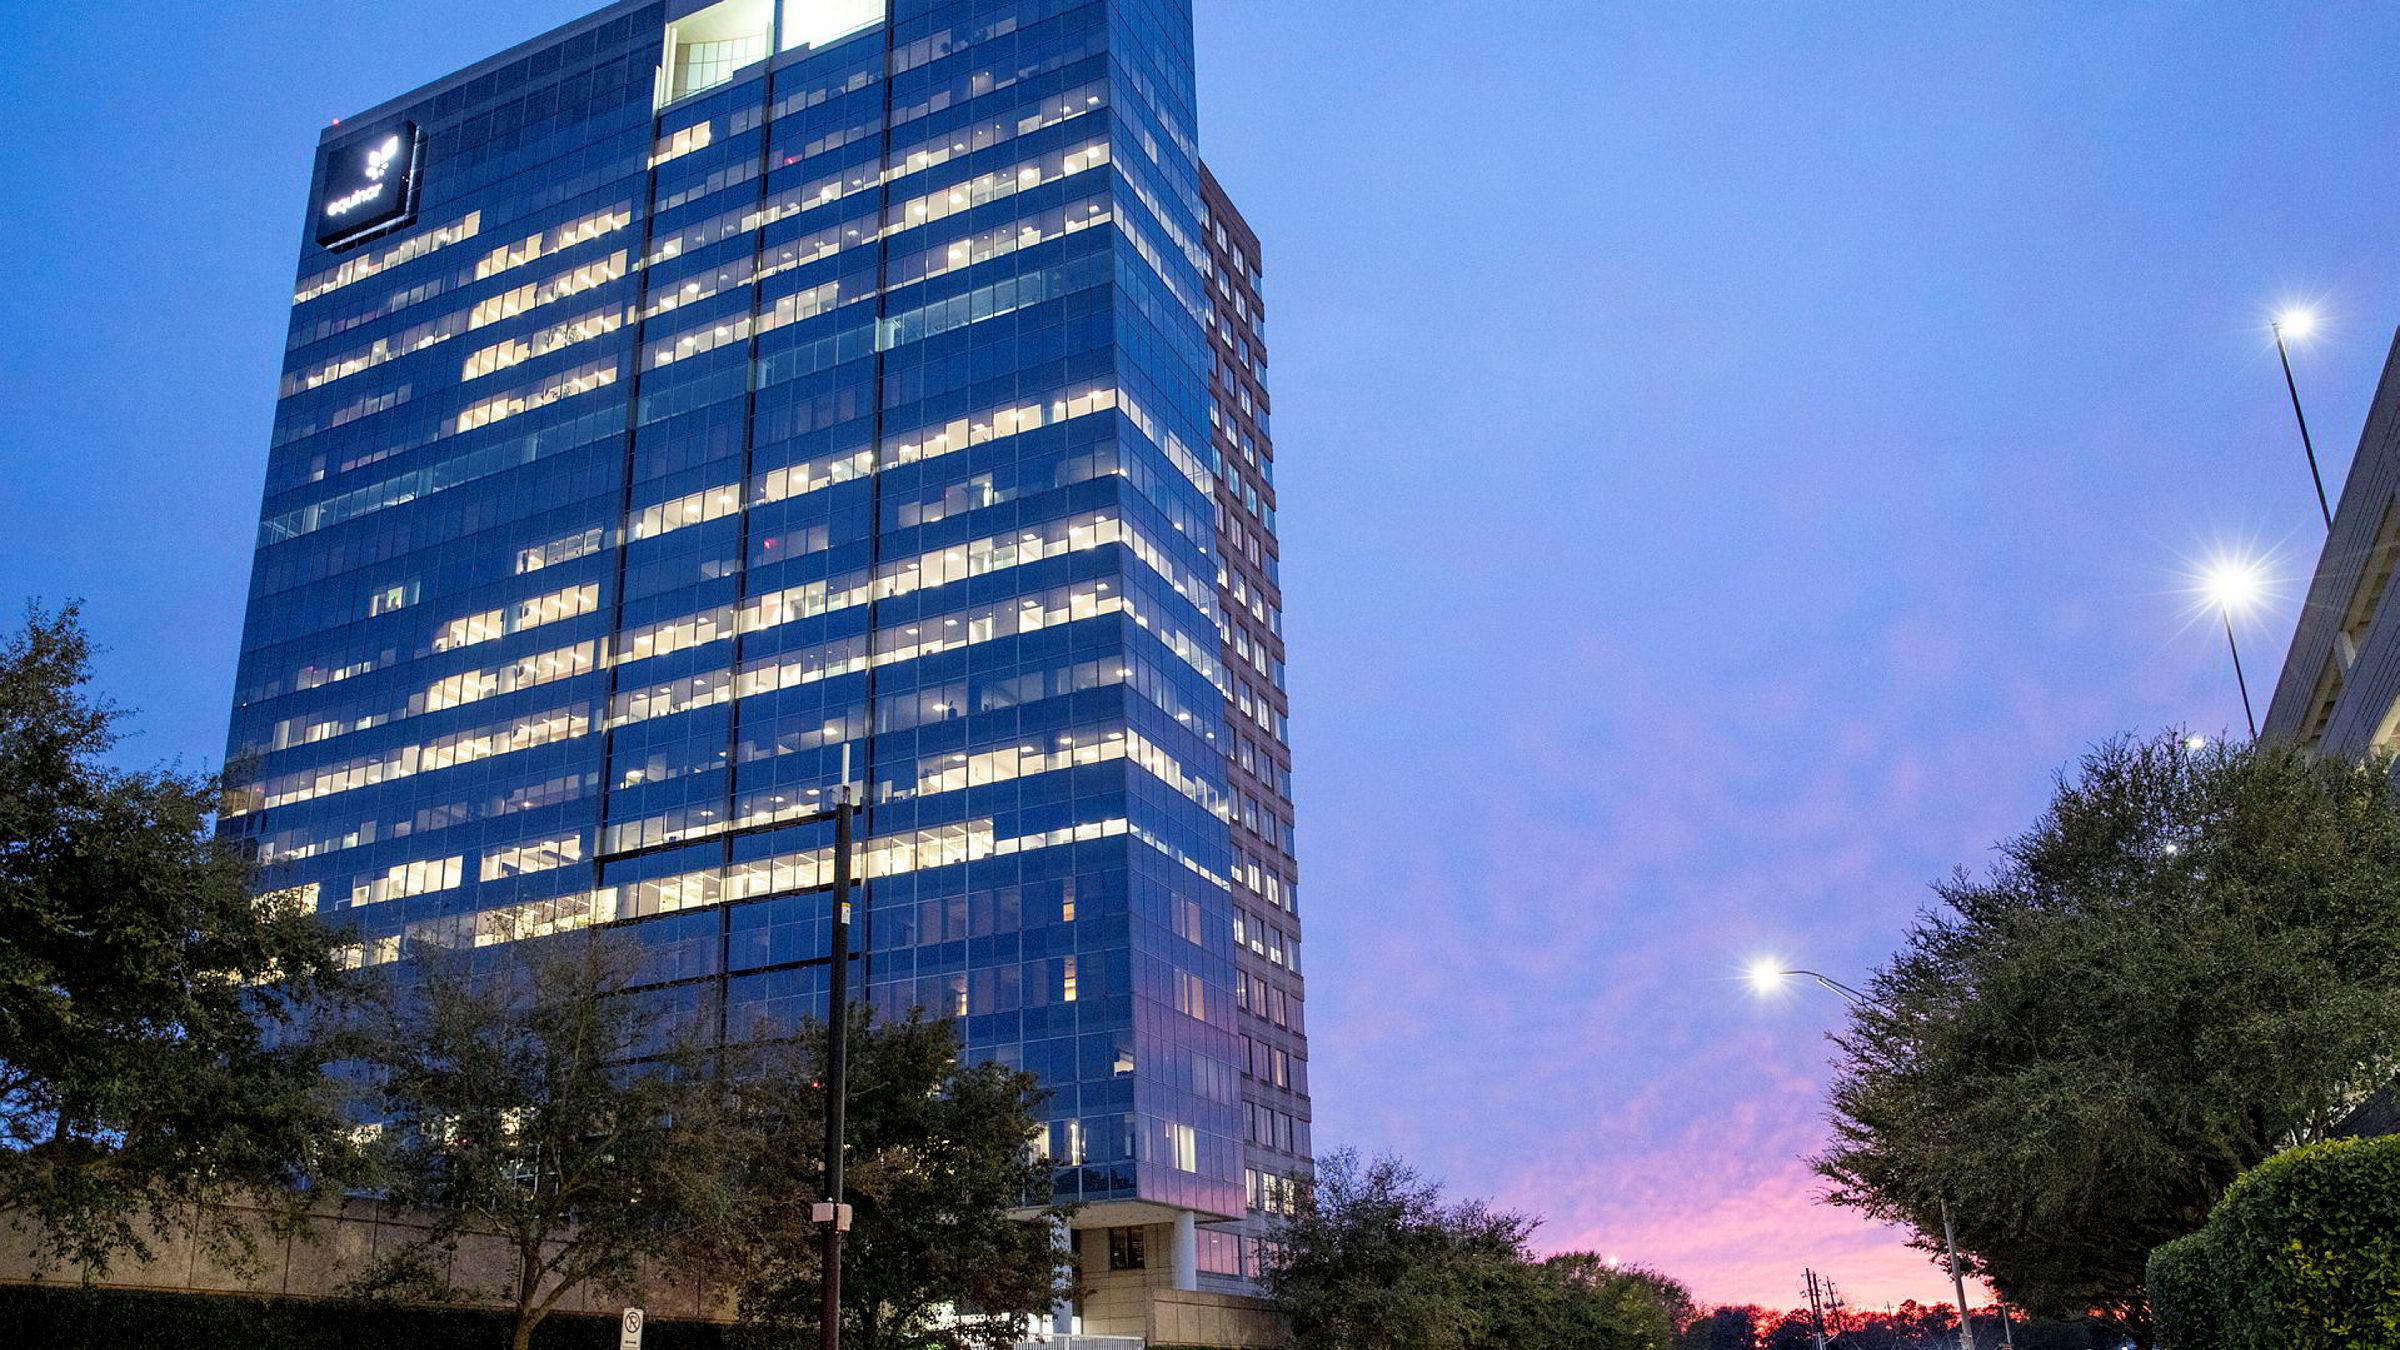 Det endelige bidraget fra USA er avhengig av hvor godt vi klarer å drive videre en virksomhet som i dag er konkurransedyktig, skriver Equinor-direktør Torgrim Reitan. Equionors hovedkontor i USA holder ligger i Houston, Texas.